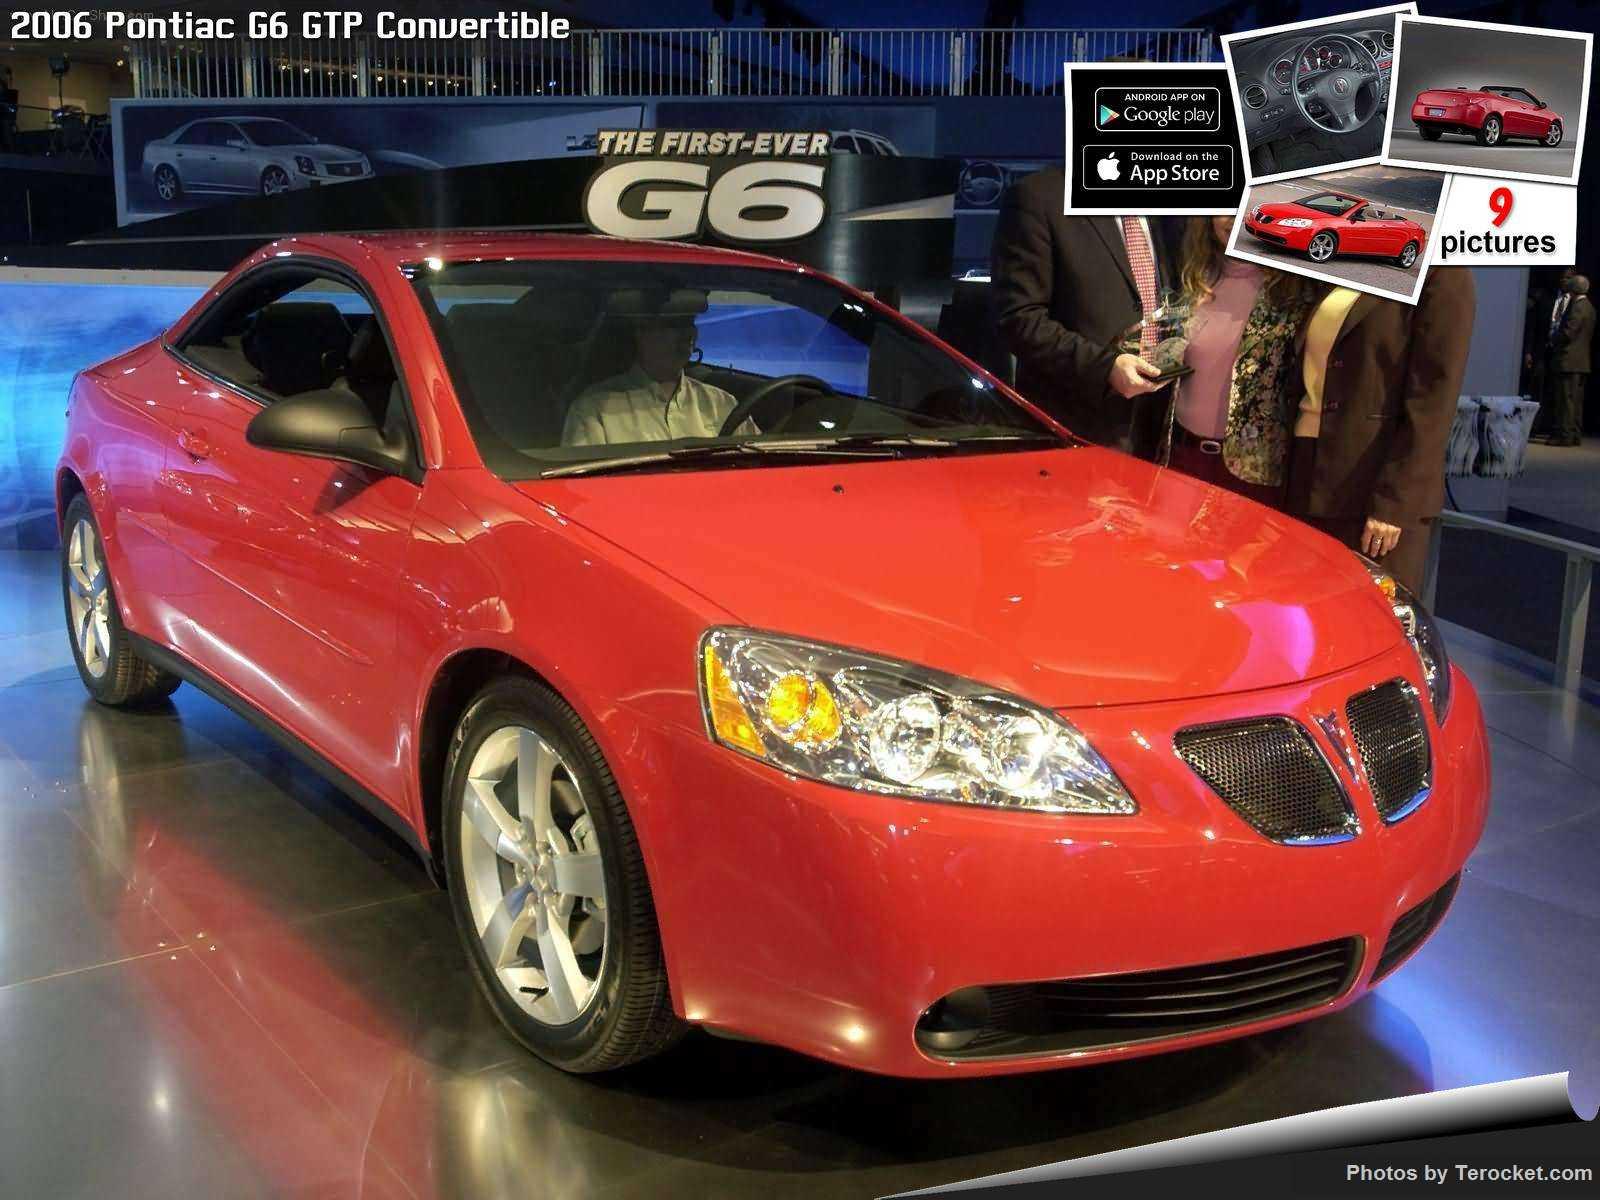 Hình ảnh xe ô tô Pontiac G6 GTP Convertible 2006 & nội ngoại thất